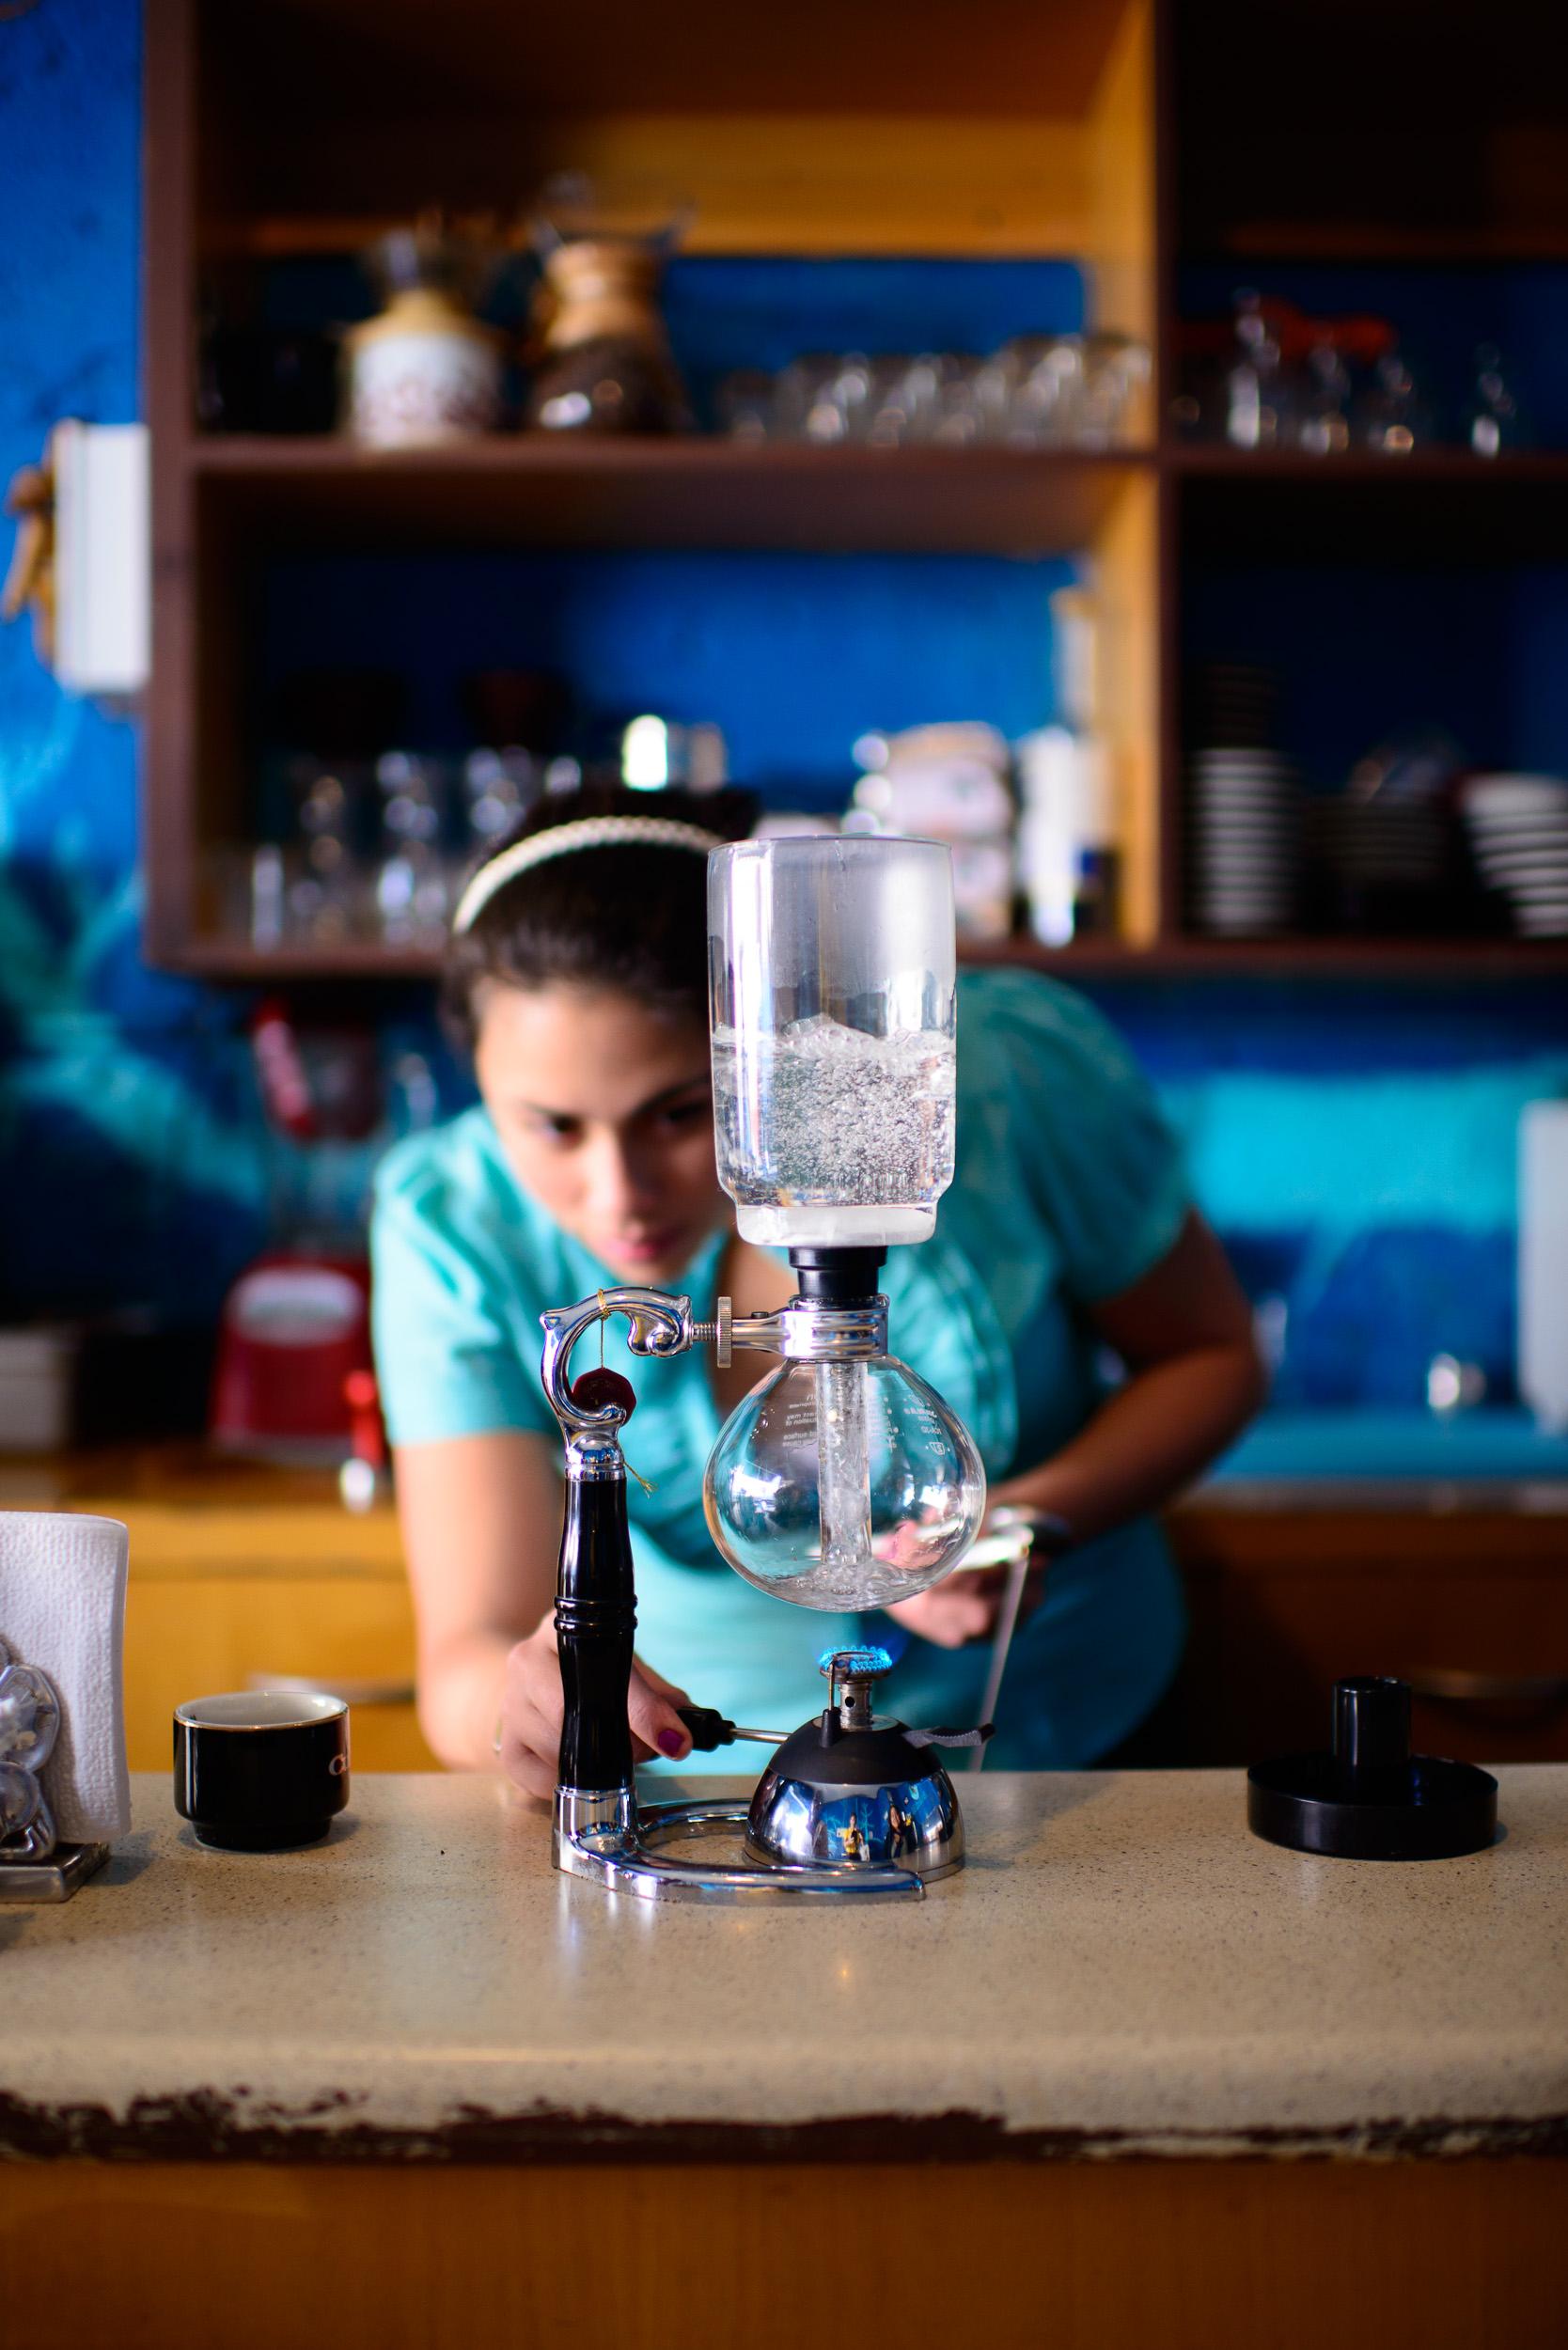 Preparing Siphon Coffee